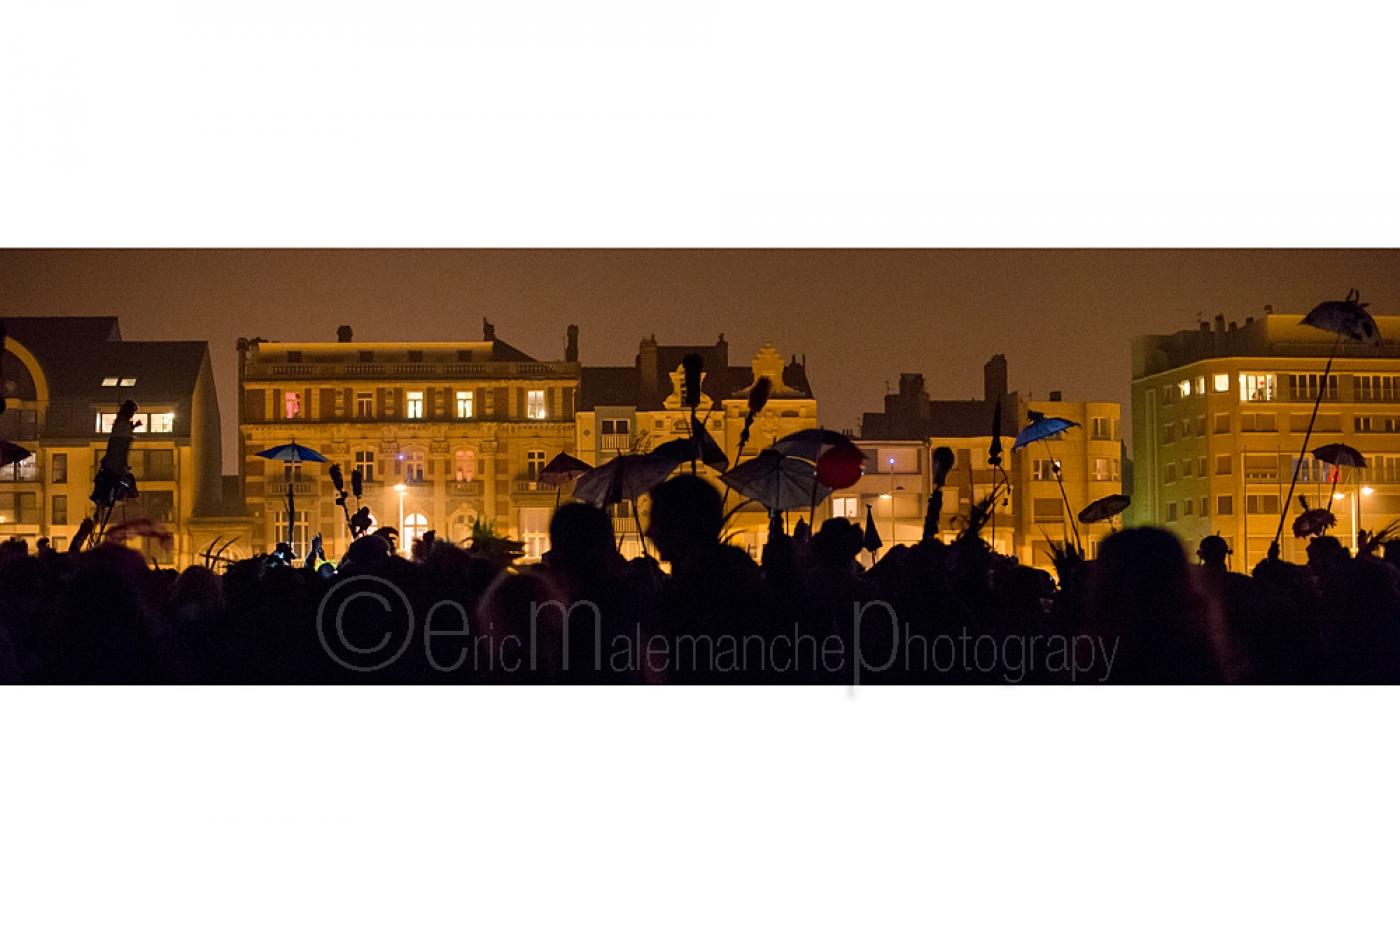 http://www.ericmalemanche.com/imagess/topics/carnaval-de-dunkerque/liste/Carnaval-Dunkerque-6739.jpg